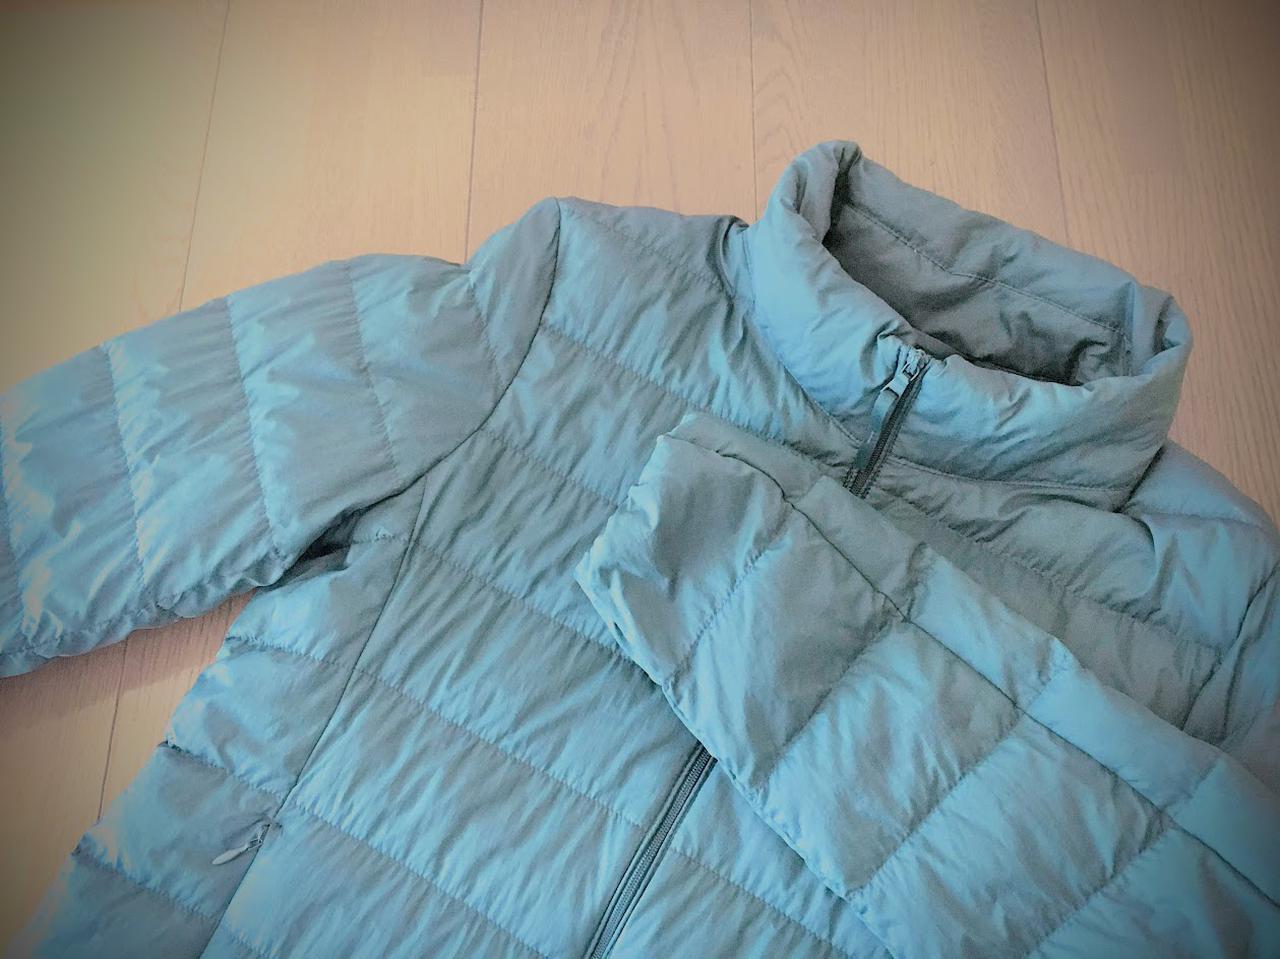 画像: 【ホームクリーニングに挑戦】ダウンジャケットは自宅で洗濯できる?実際に洗ってみた! - ハピキャン(HAPPY CAMPER)